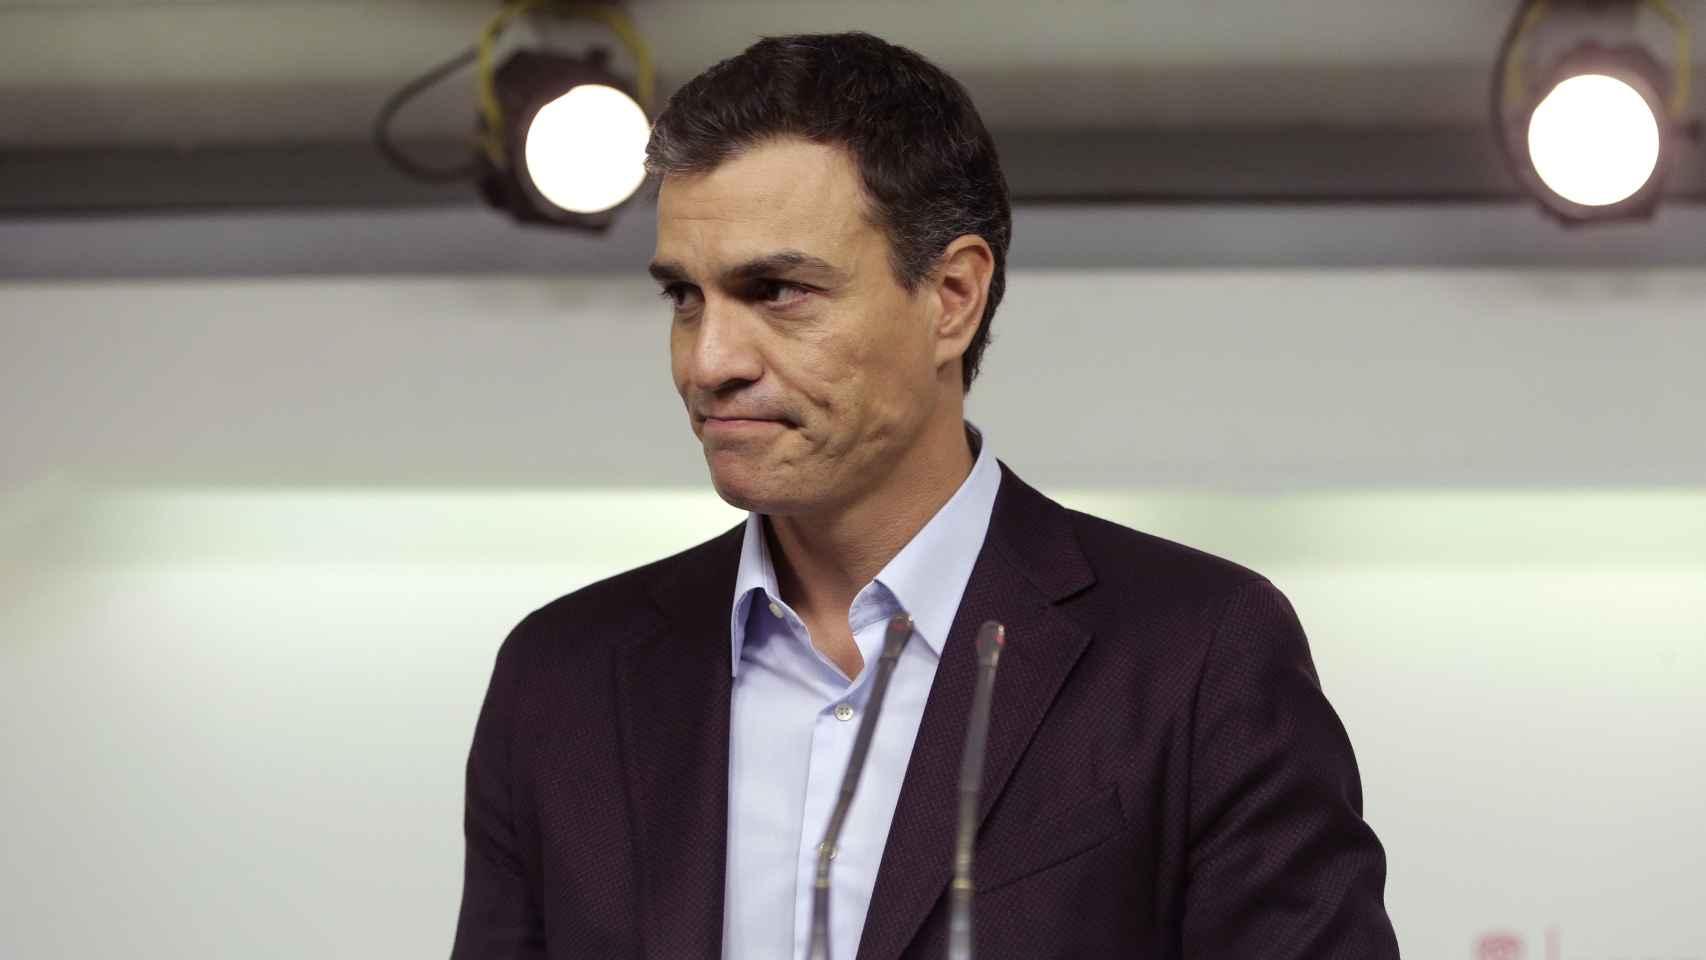 El ex líder del PSOE, Pedro Sánchez, comparece tras anunciar su dimisión.